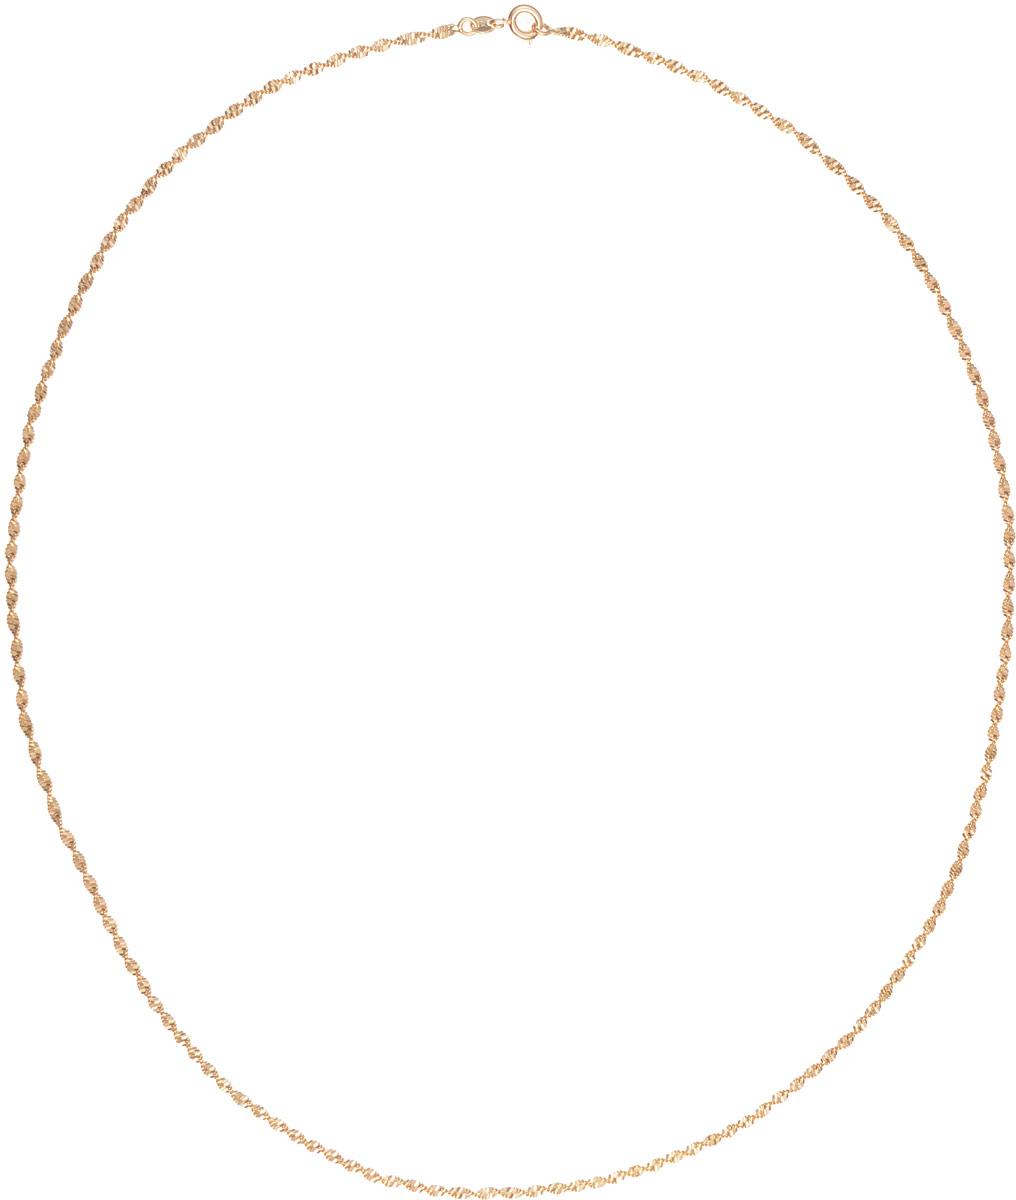 Цепочка Taya, цвет: золотистый. T-B-1171239889|Ожерелье (короткие многоярусные бусы)Элегантная цепочка от Taya изготовлена из качественного бижутерного сплава. Изделие застегивается на шпрингельный замок. Такая изящная цепочка идеально дополнит ваш образ и подчеркнет ваш изысканный вкус.